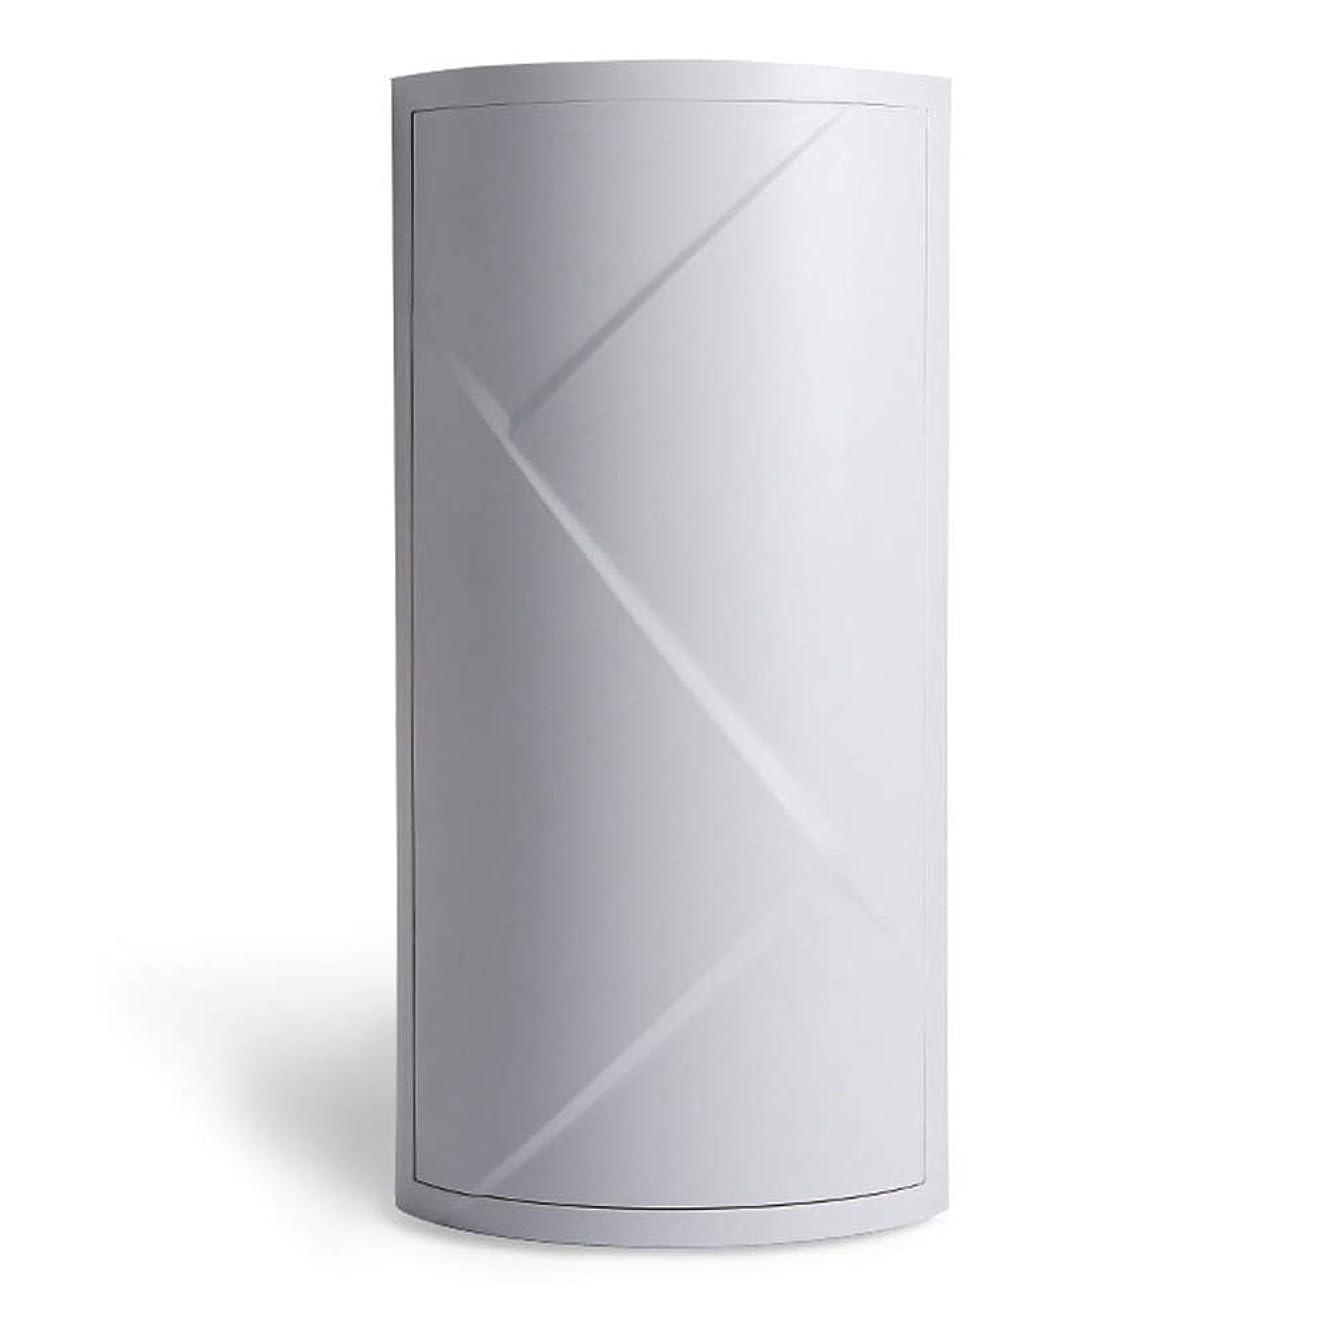 排気命令予想外化粧品収納ボックス 360度回転式 卓上収納 メイクボックス 3段式 北欧 機能的 洗面台 浴室 水切り 化粧品入れ 鏡台 スキンケア用品 防塵 家庭用 整理簡単 収納抜群 キチン収納 多容量 オシャレ